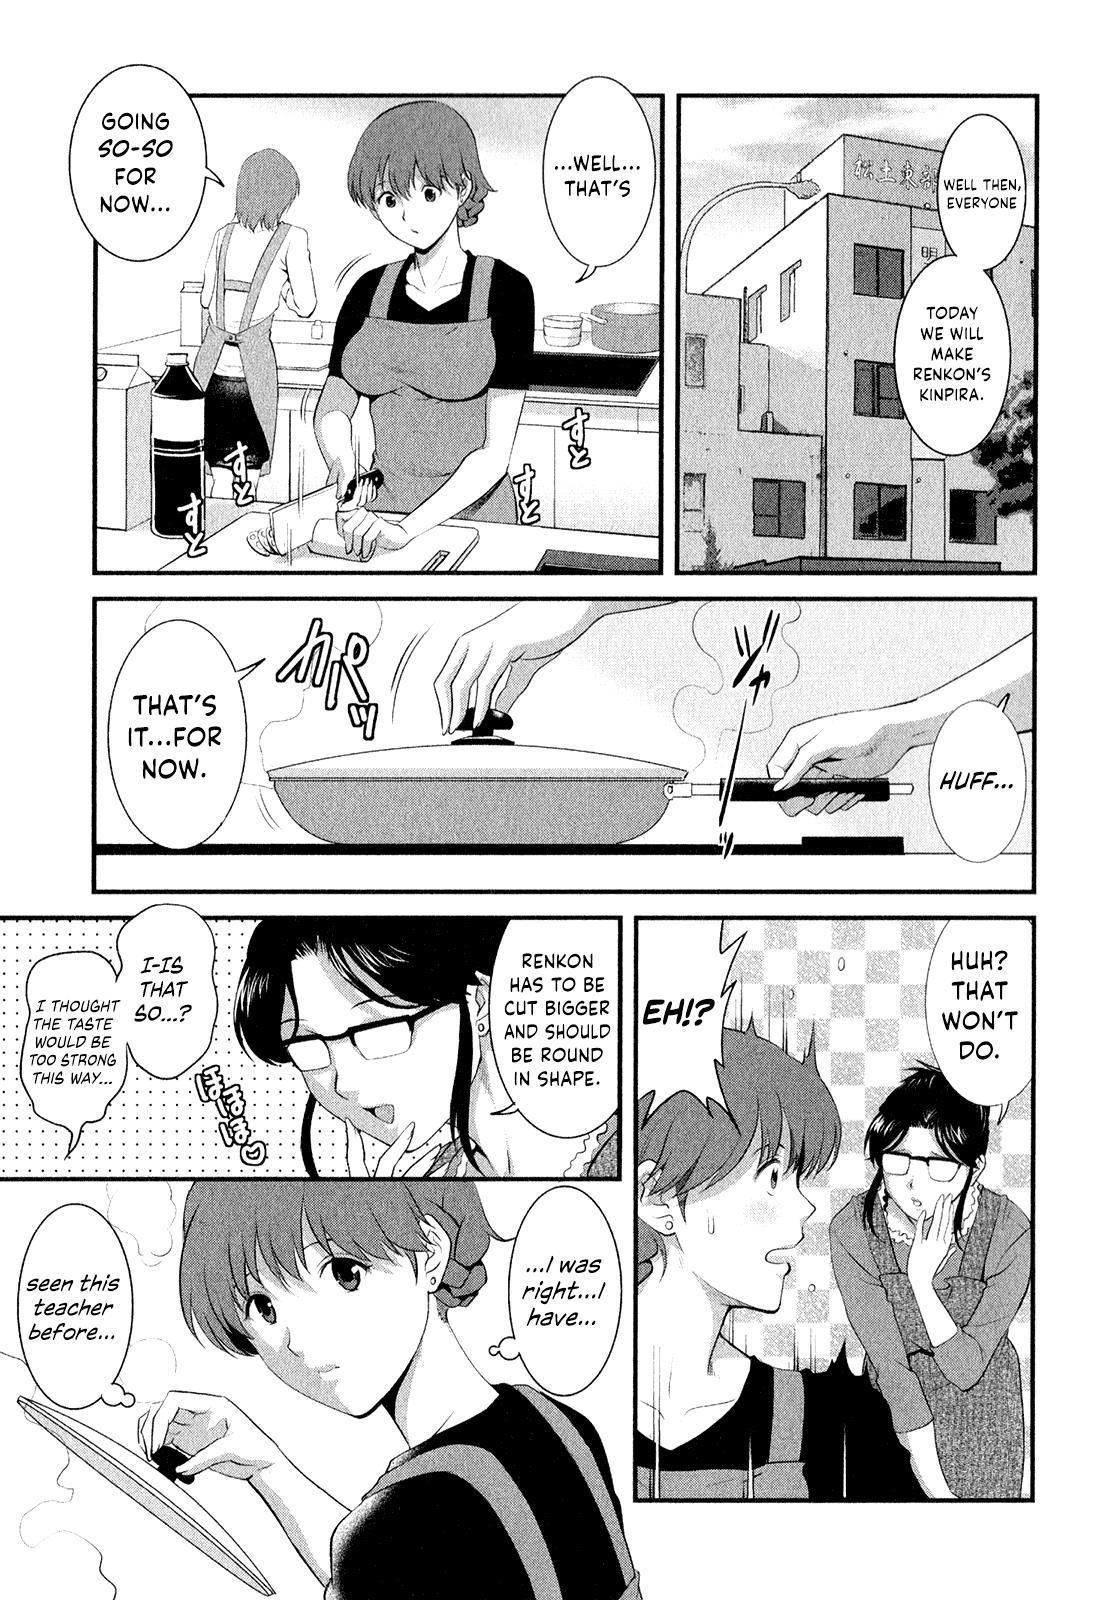 [Saigado] Hitozuma Audrey-san no Himitsu ~30-sai kara no Furyou Tsuma Kouza~ - Vol. 2 [English] {Hennojin} 105